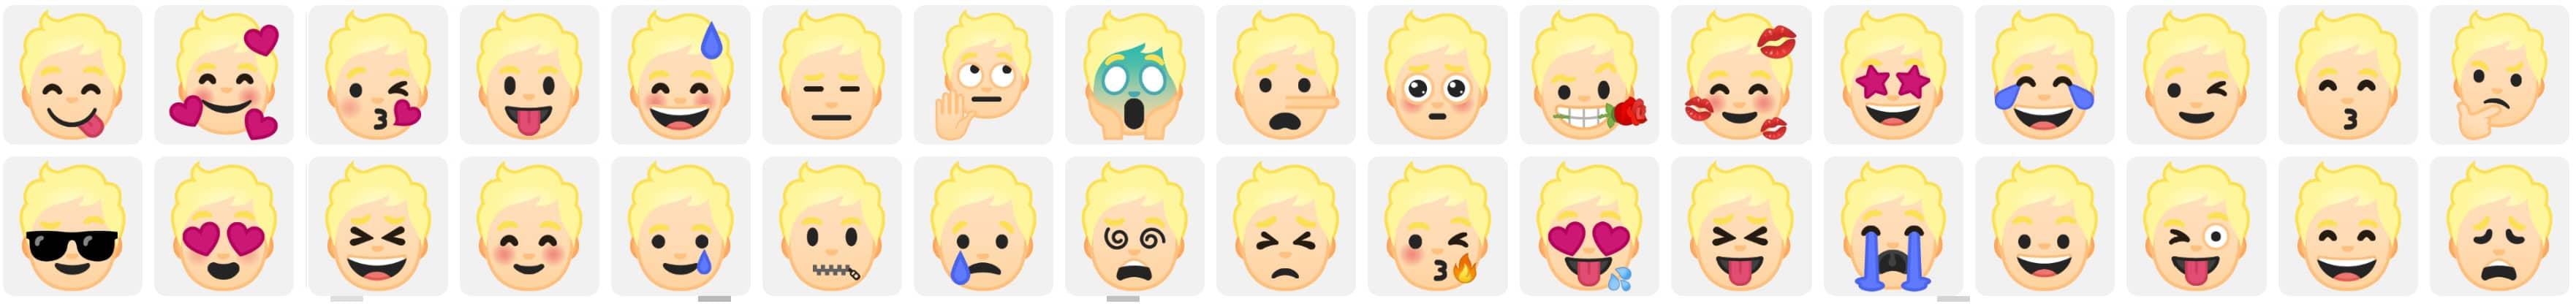 Selbst erstellte Emojis die über der Gboard-Tastatur erstellt worden sind